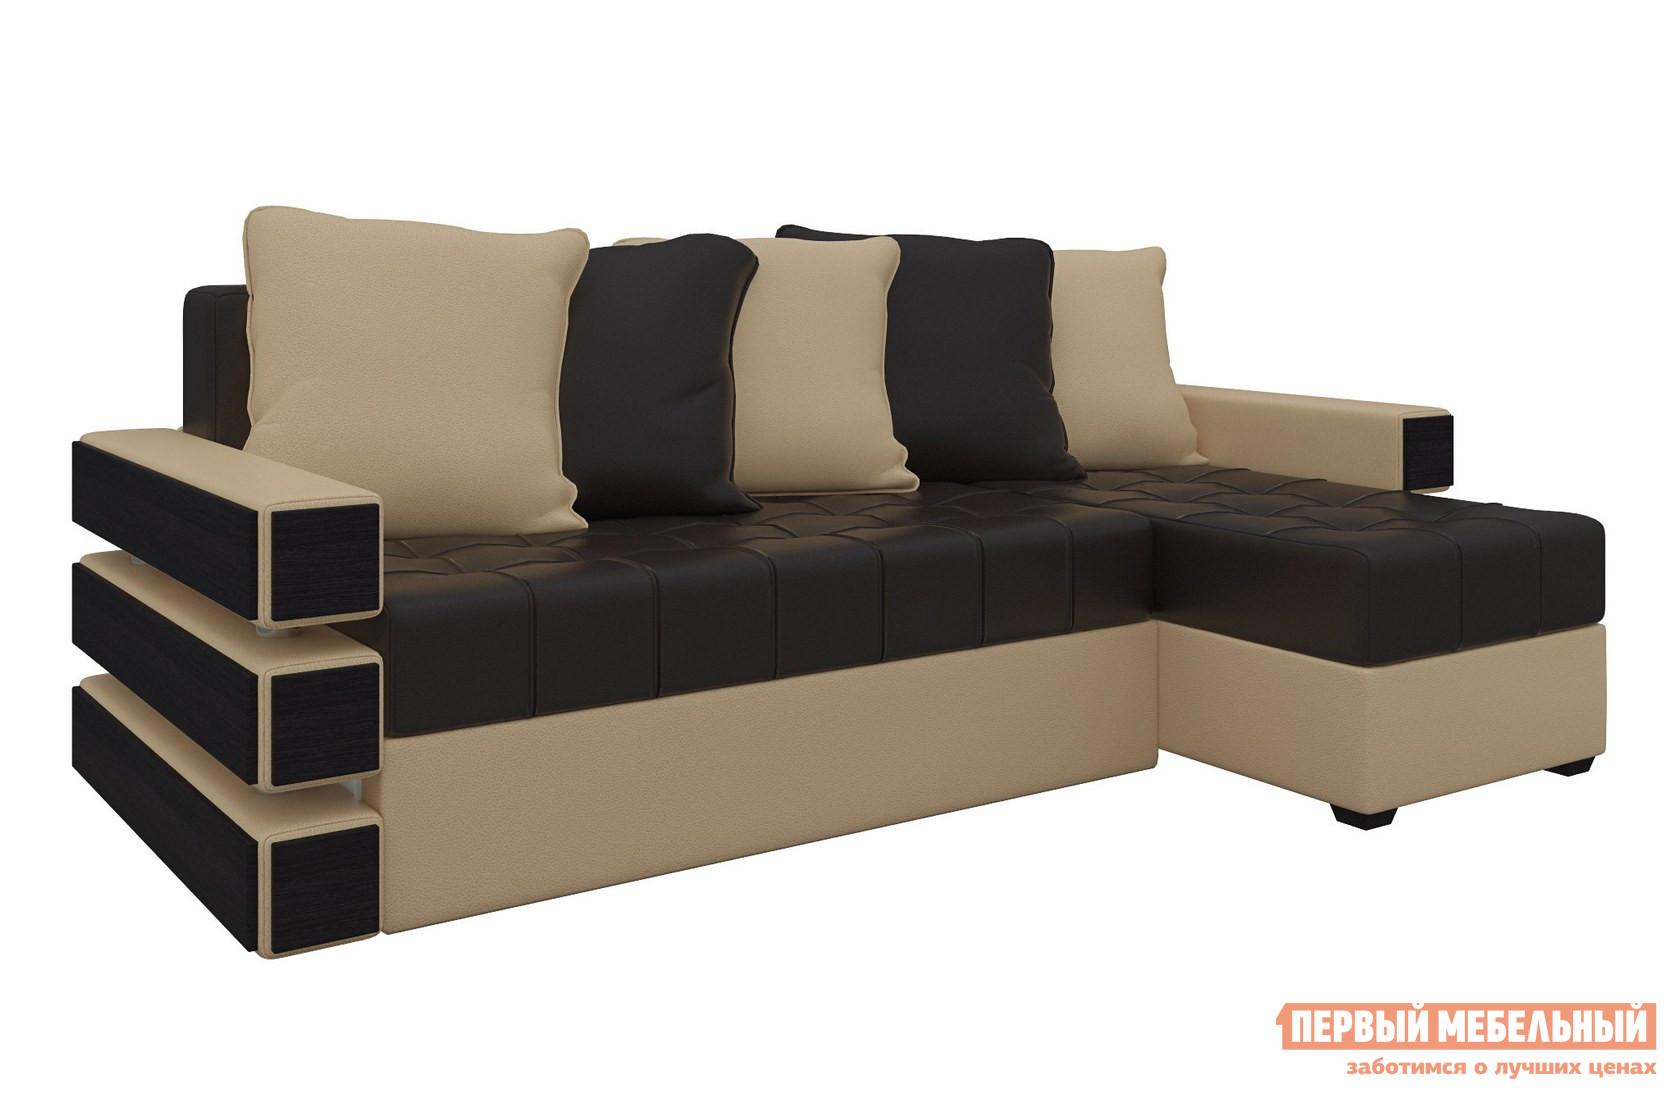 Угловой диван Мебелико Диван угловой Венеция